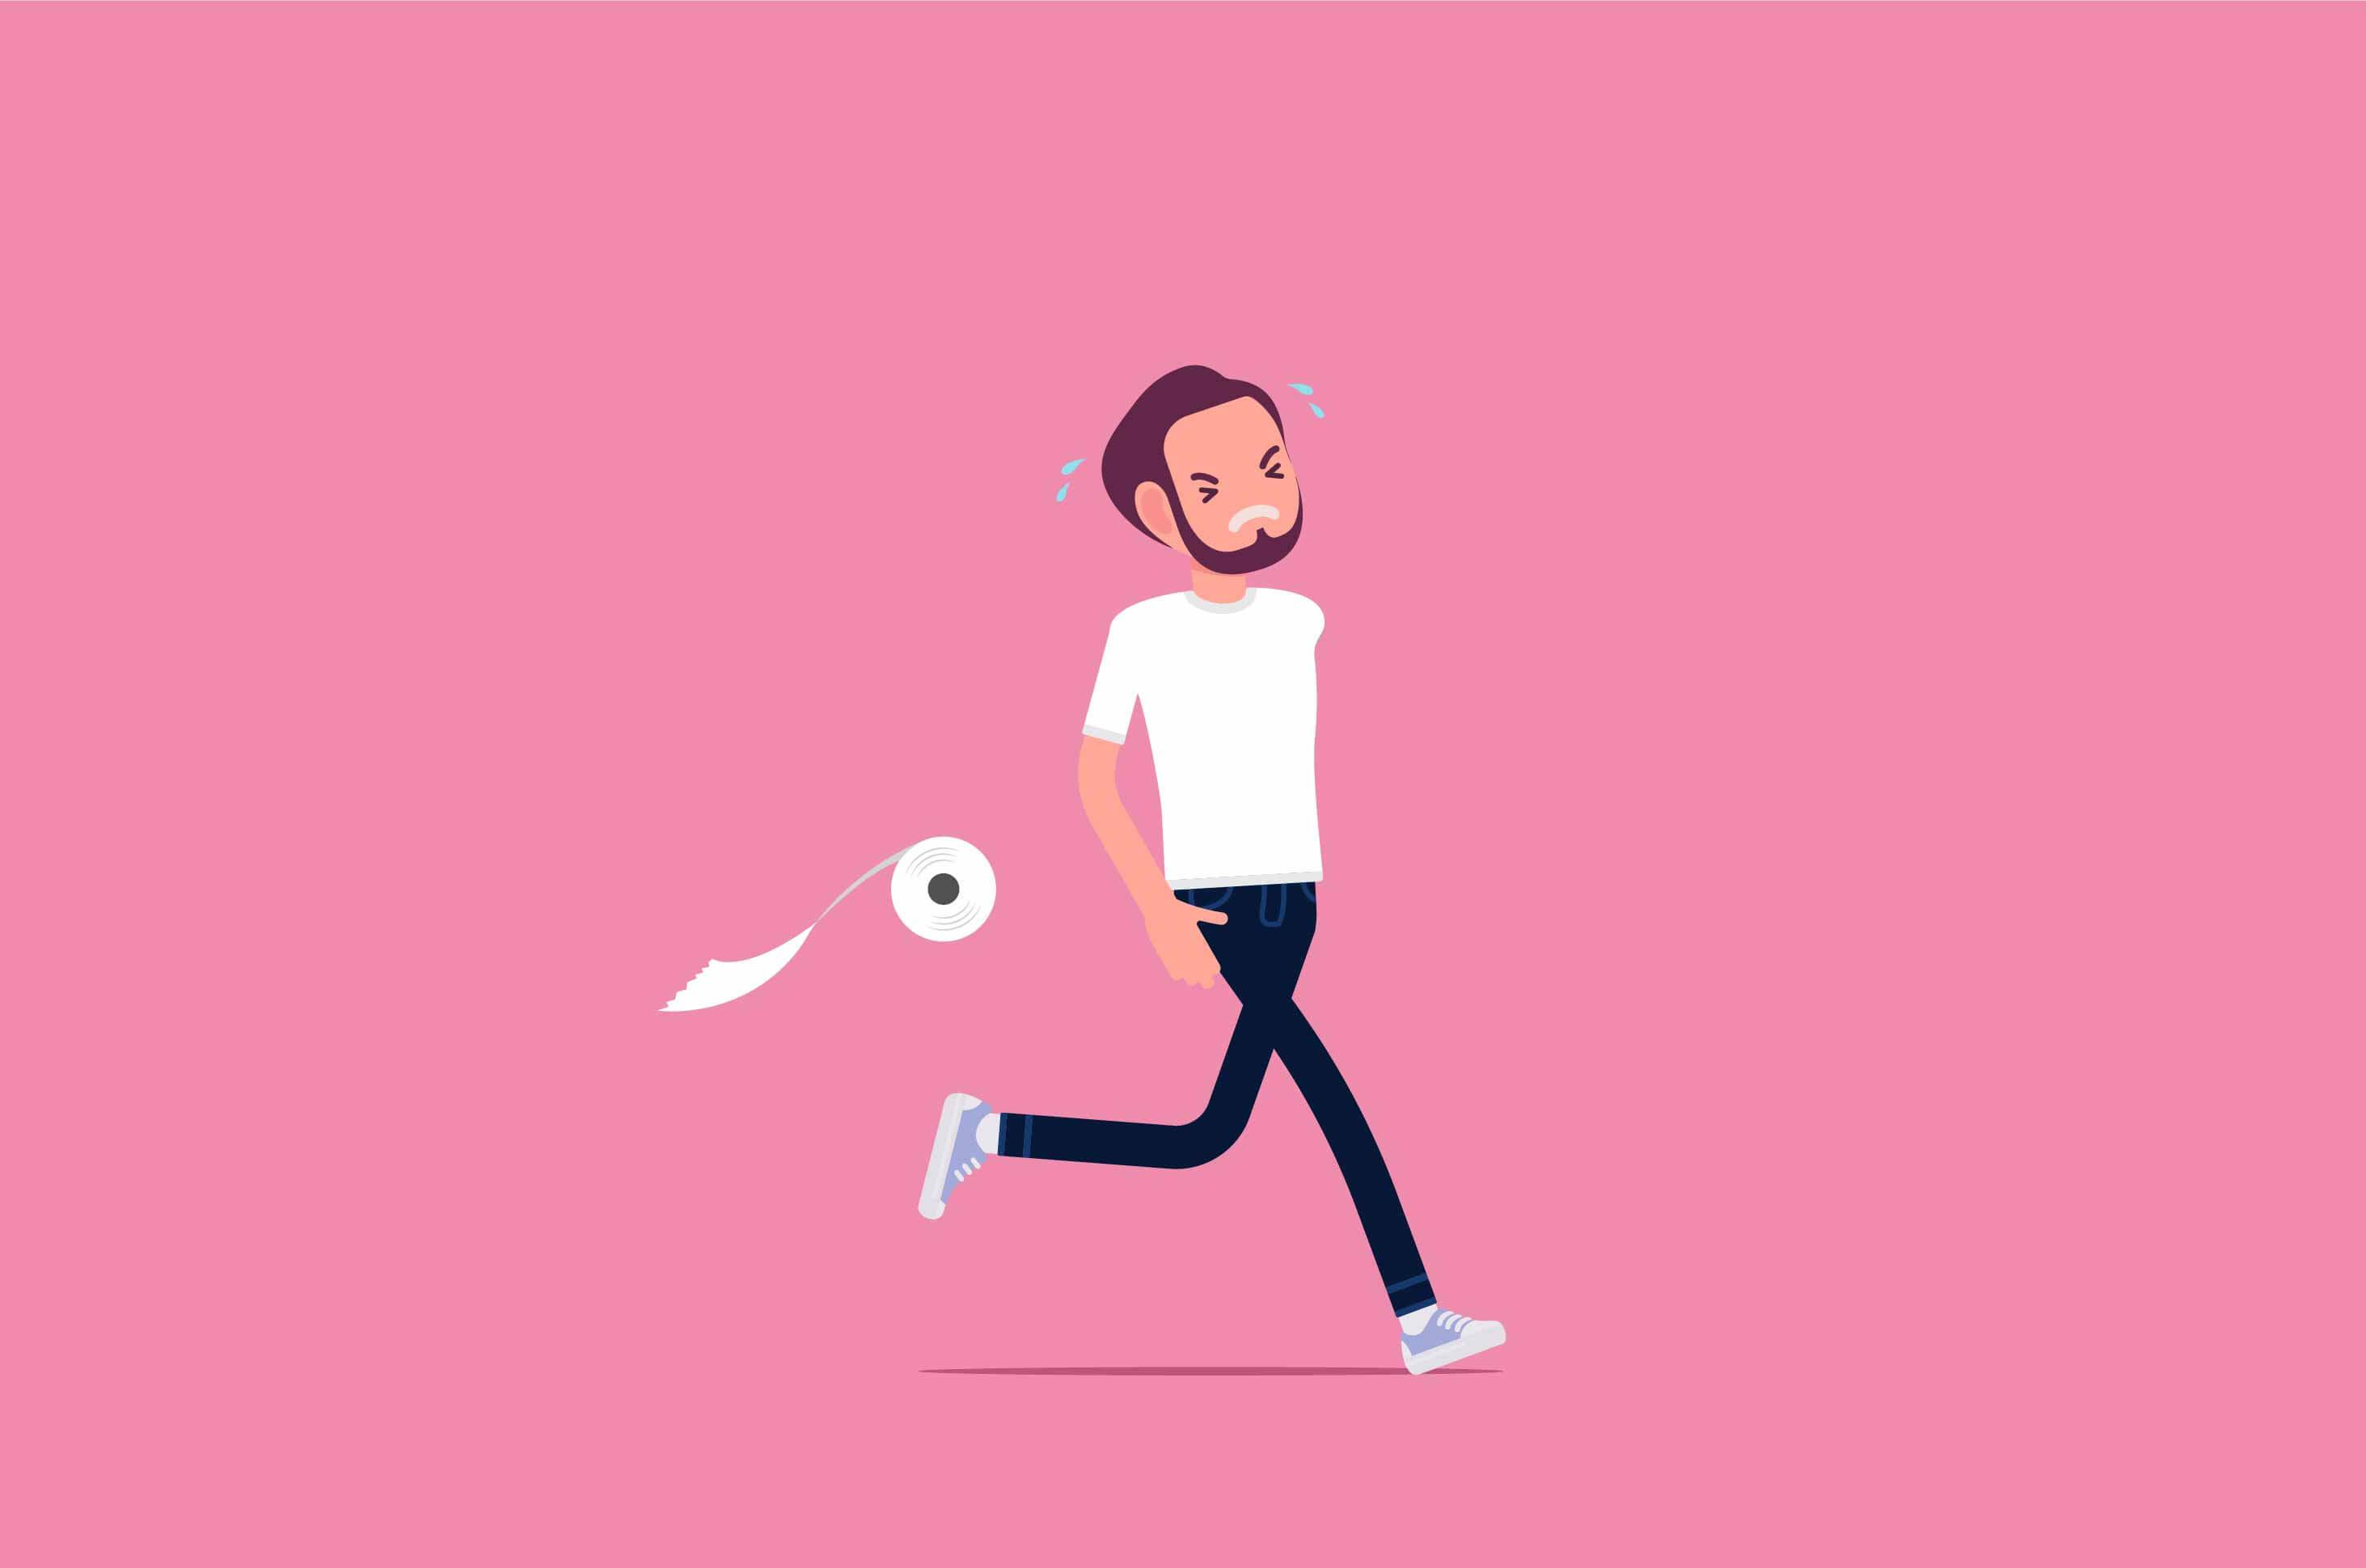 Latihan Kegel untuk Cegah Inkontinensia Alvi, Benarkah?